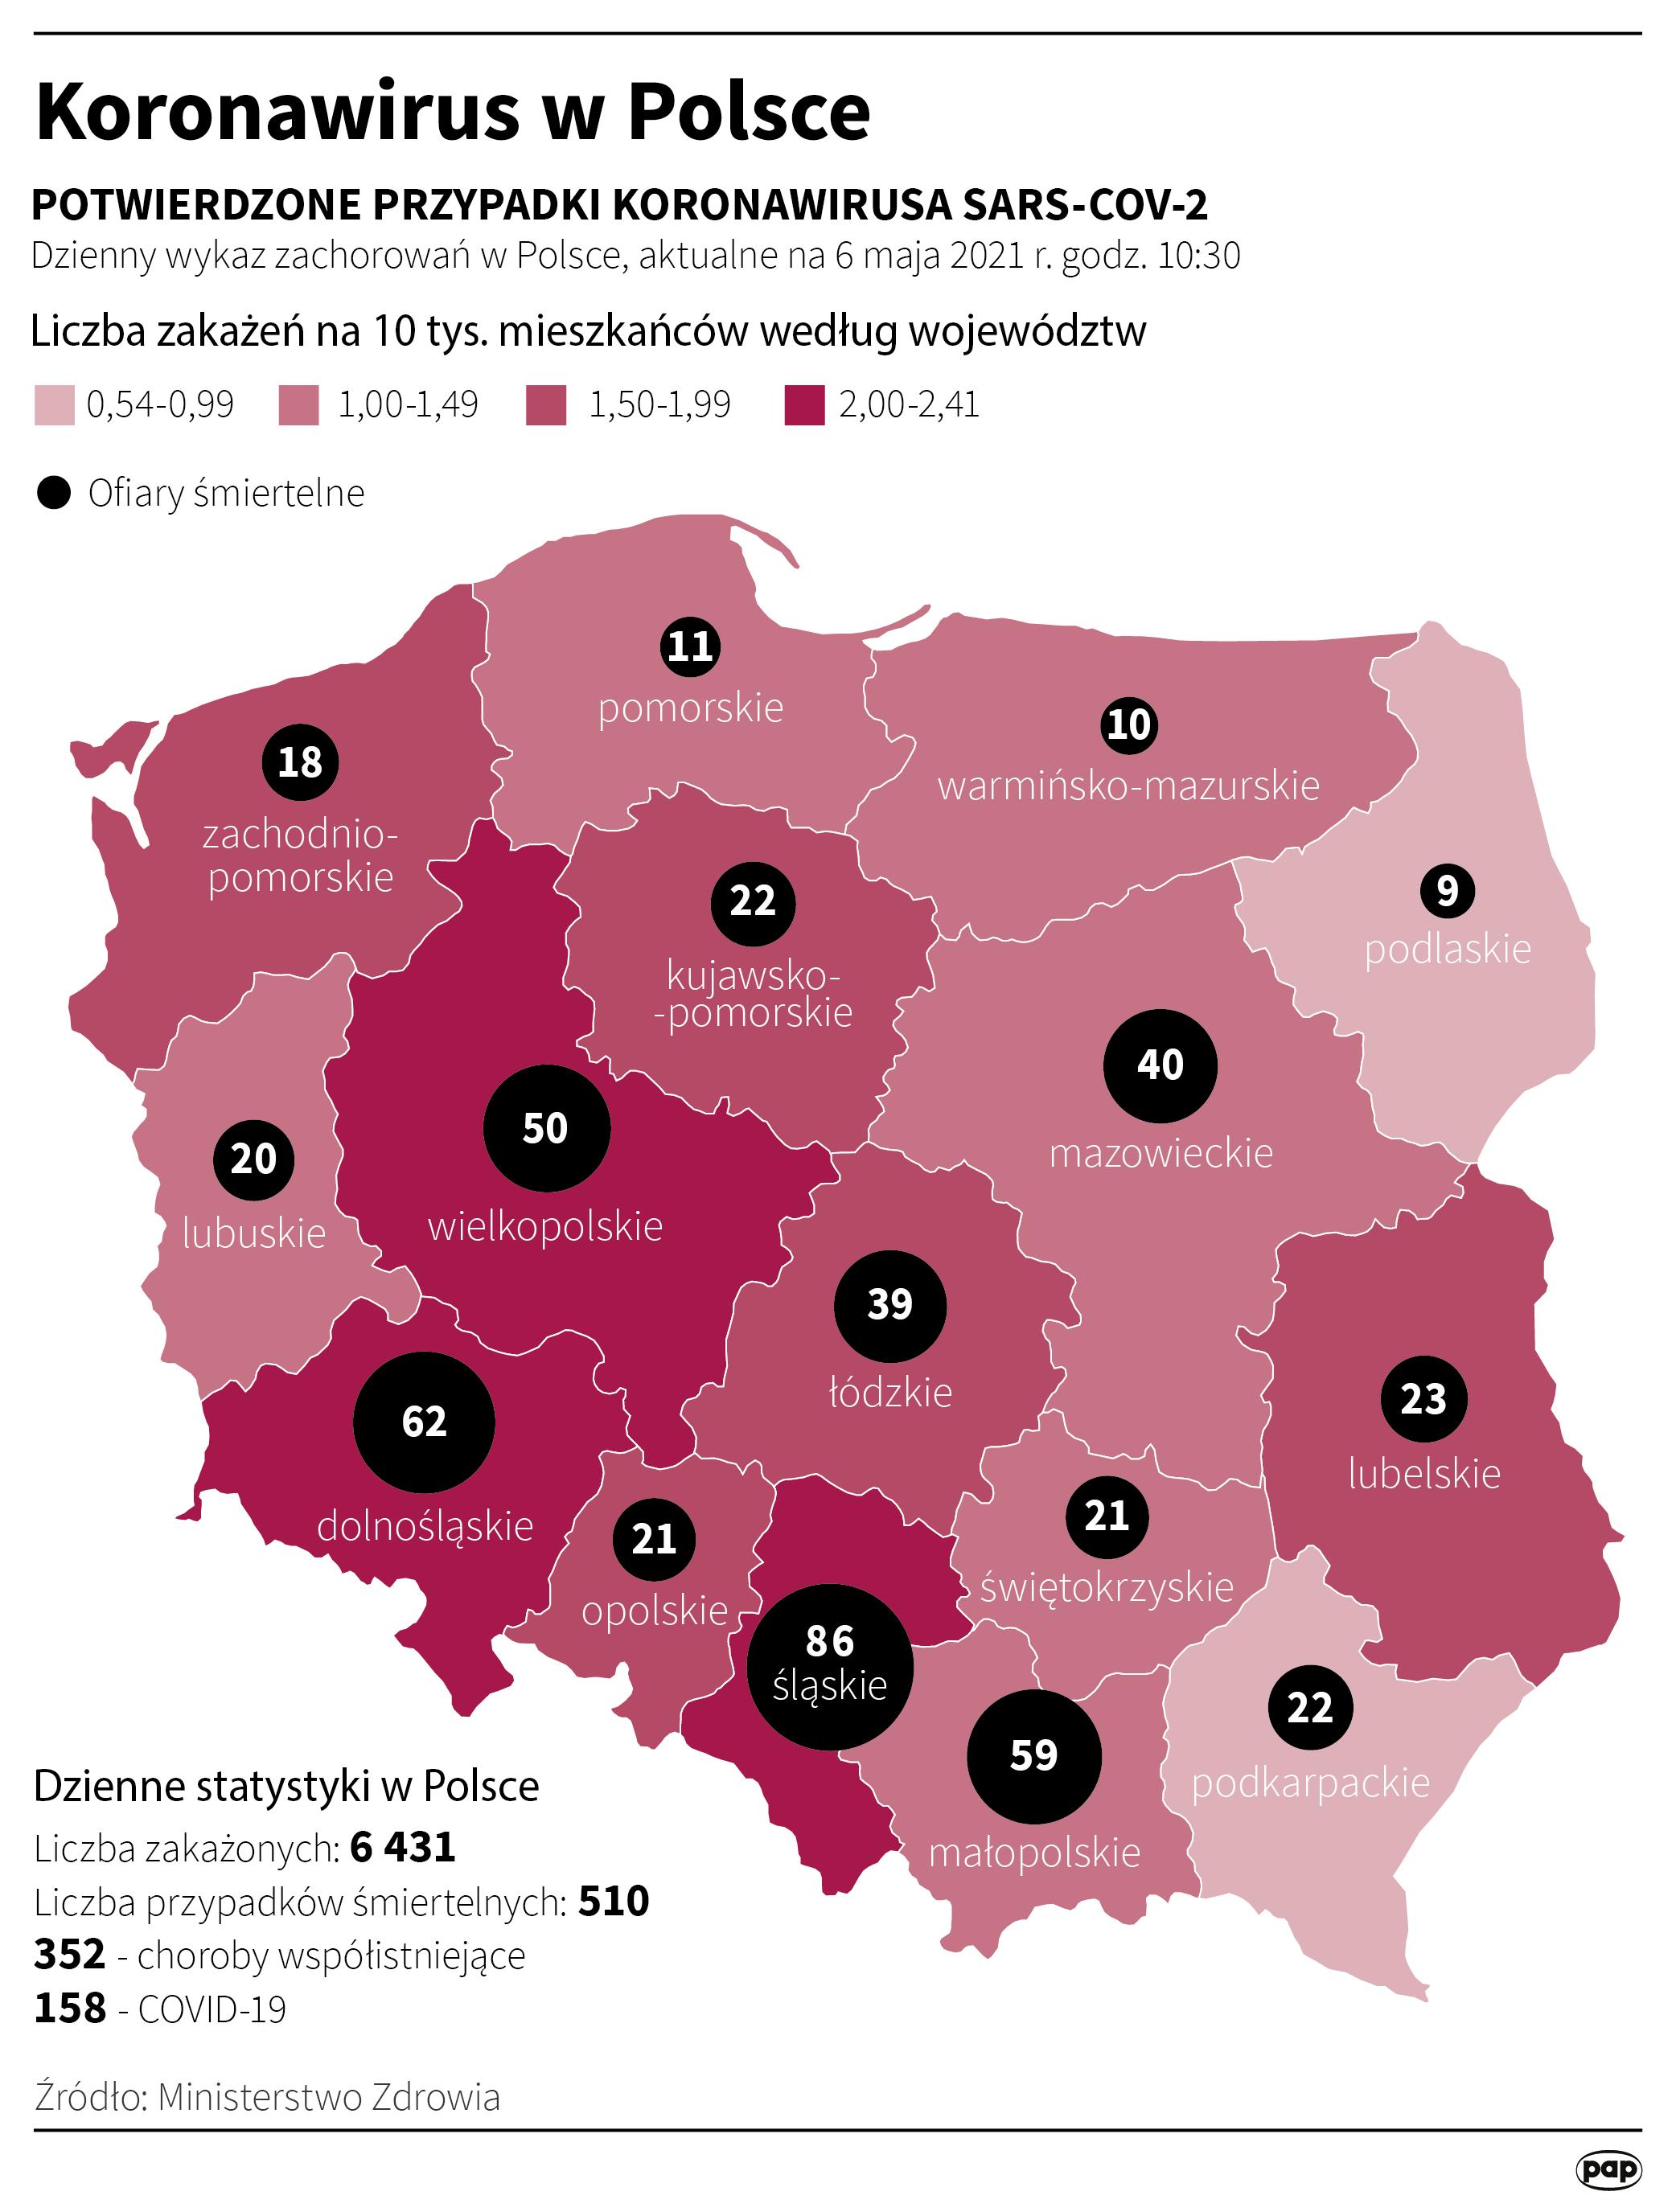 Koronawirus w Polsce - stan na 6 maja [fot. Maciej Zieliński/PAP]